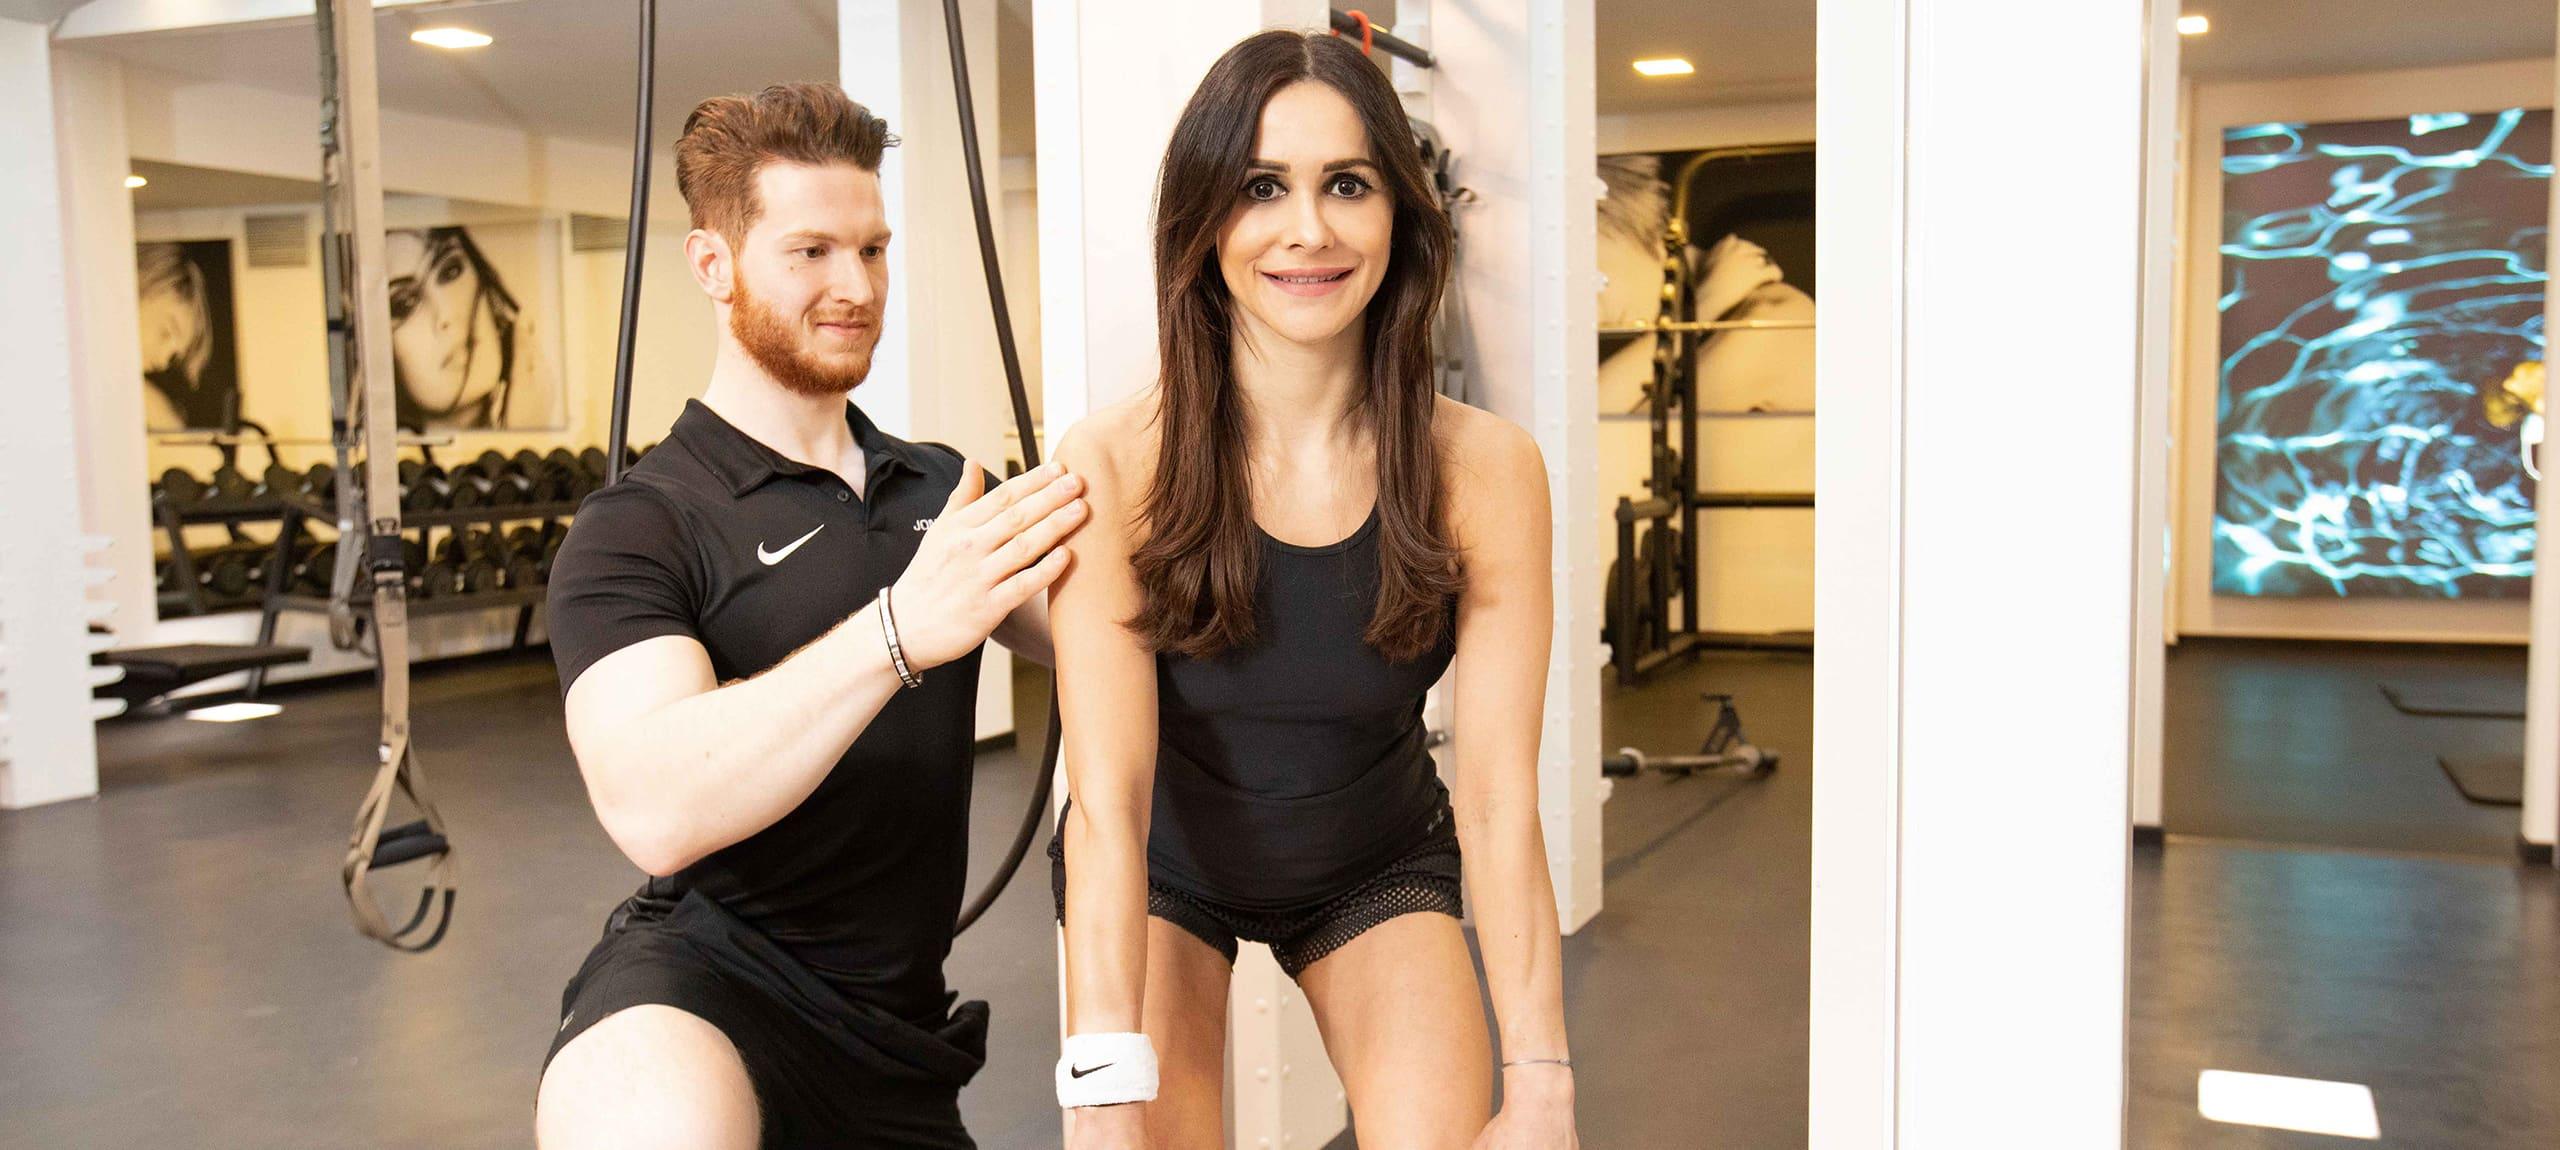 personal trainer bei jonensports beim training mit laechelnder kundin